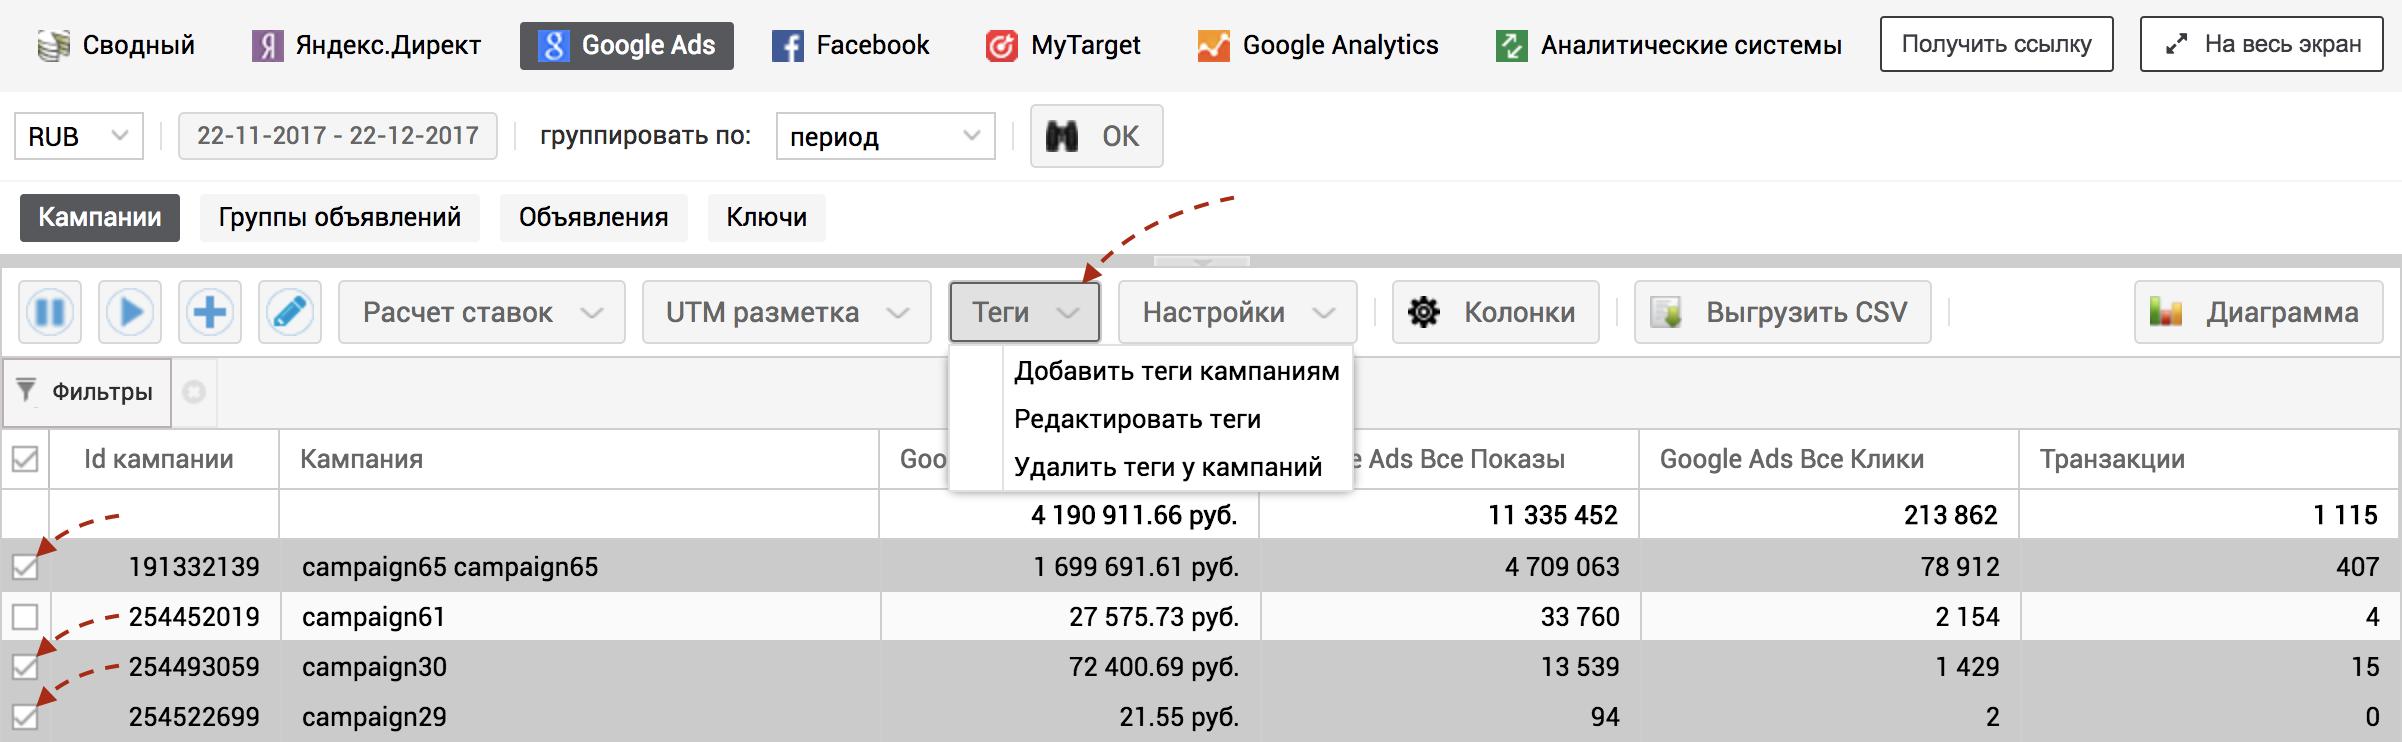 статистика_гугл